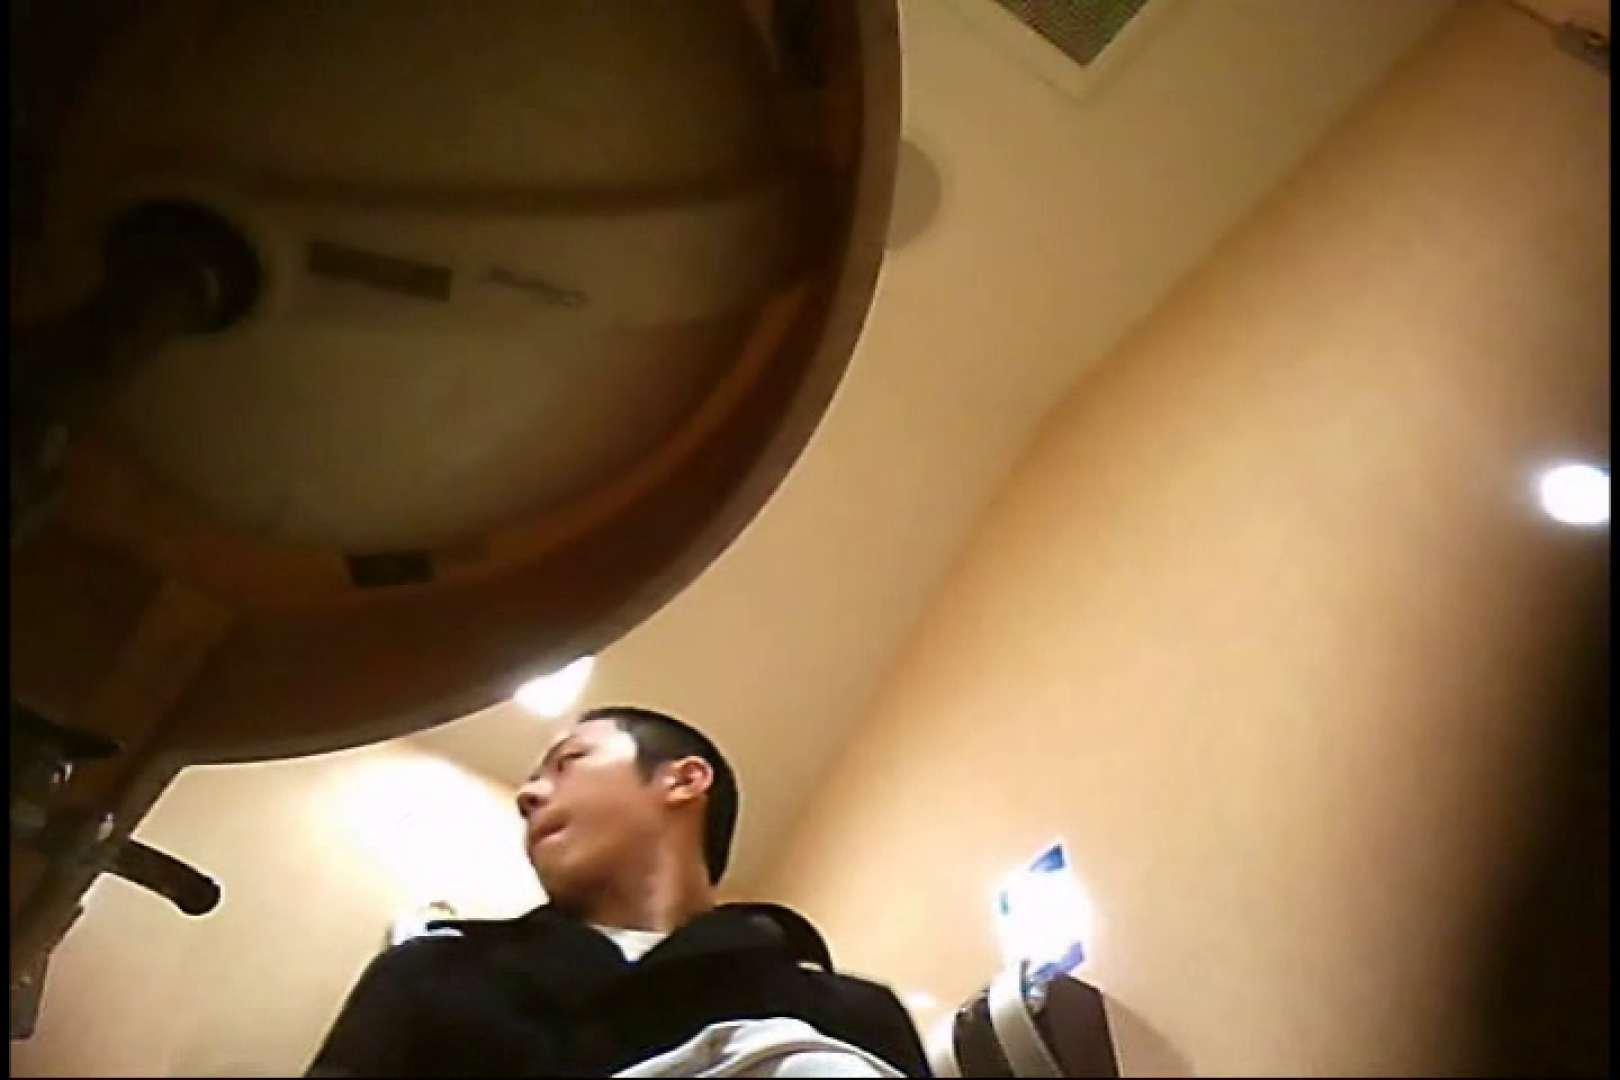 Gボーイ初投稿!掴み取りさんの洗面所覗き!in新幹線!VOL.03 ボーイズ私服   サル系ボーイズ  50pic 2